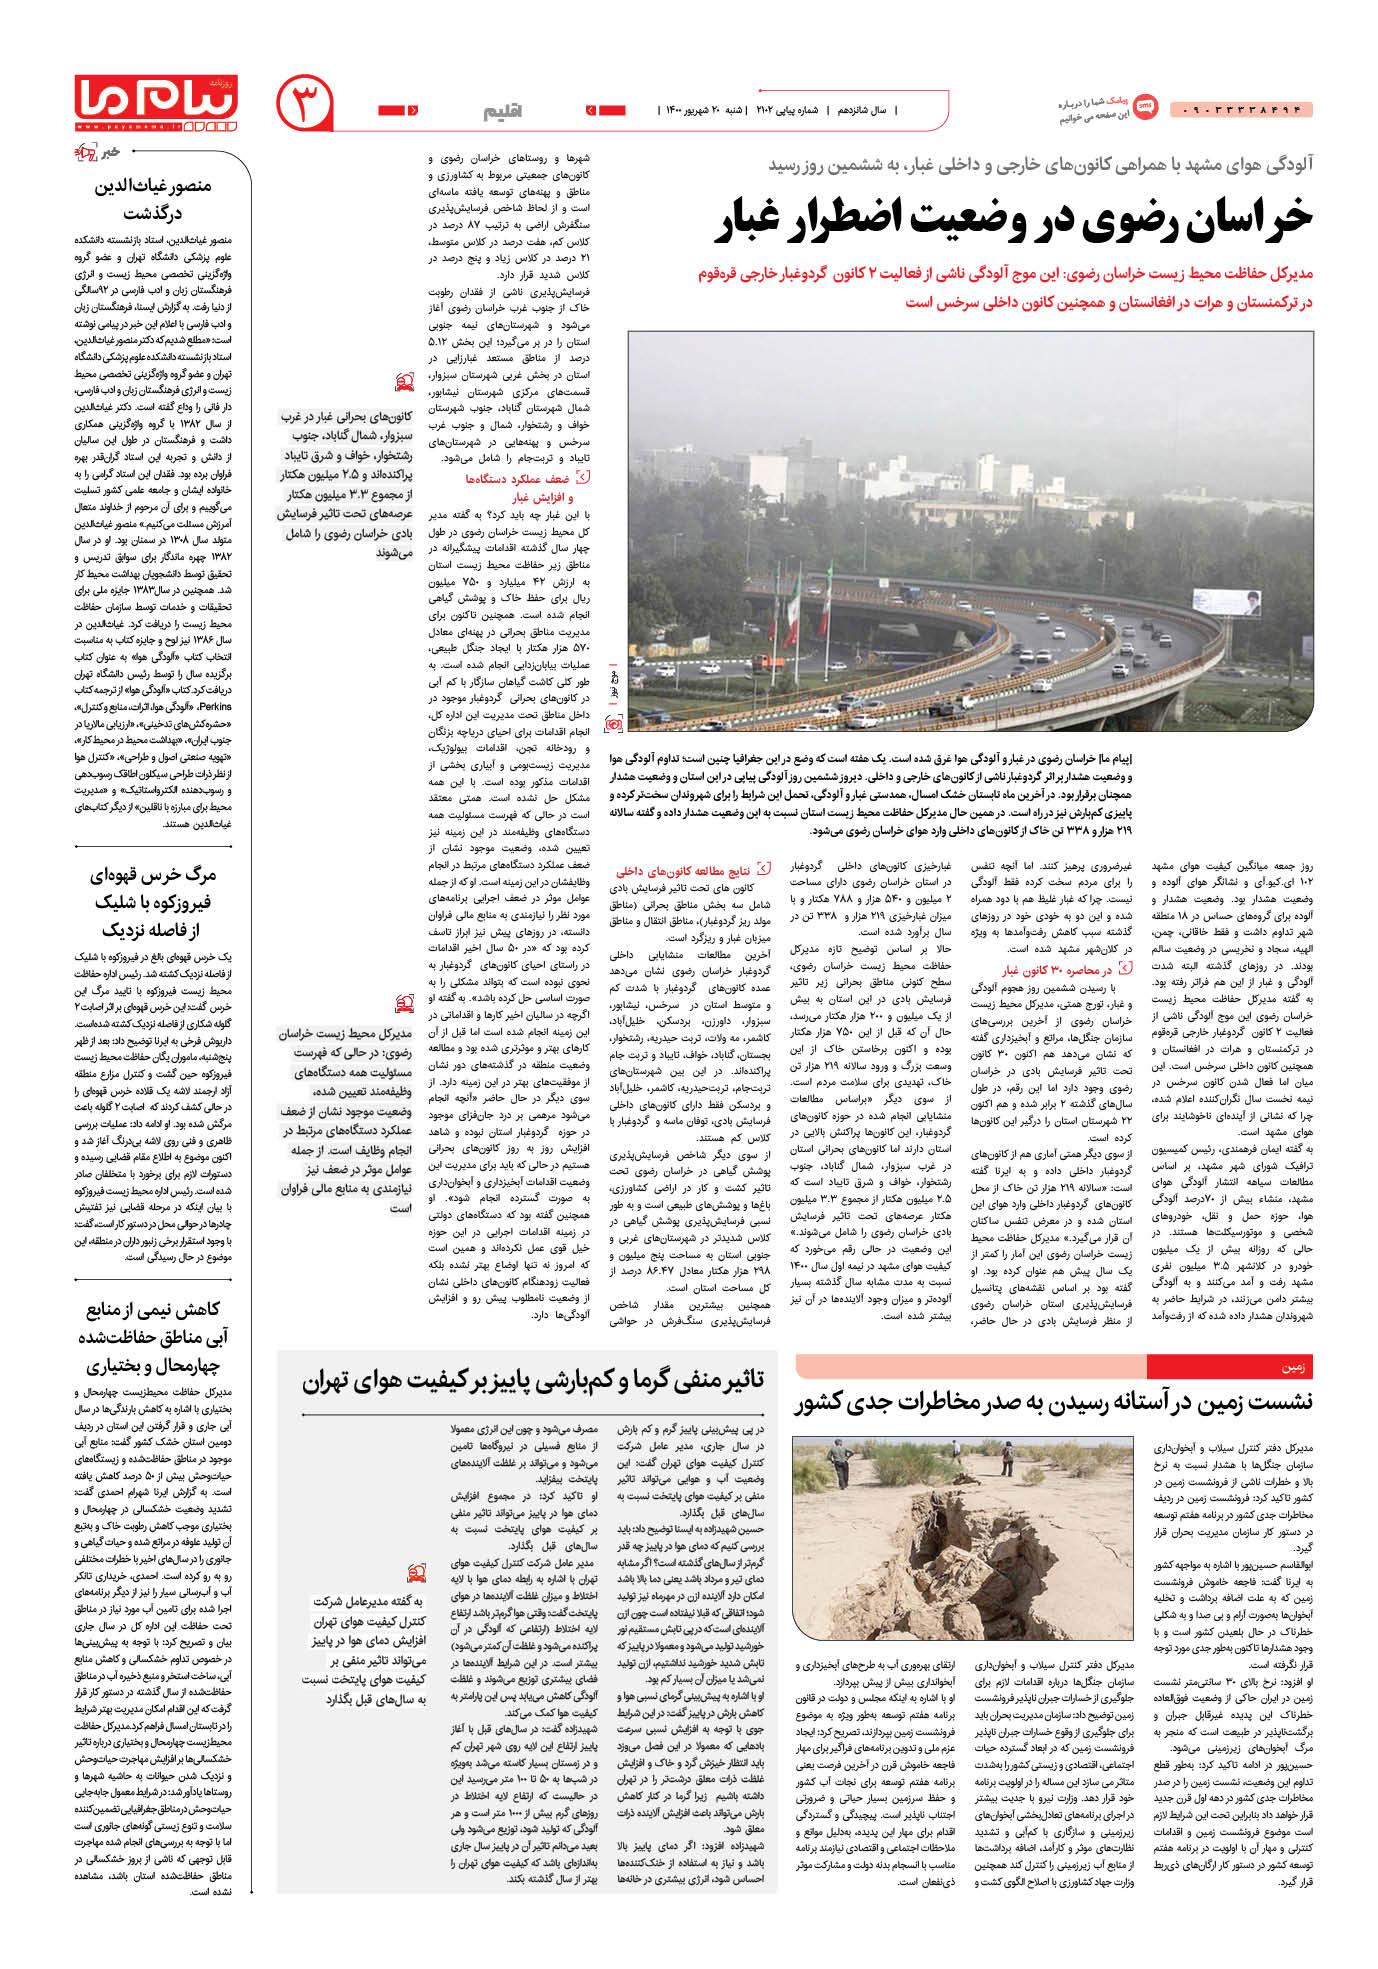 صفحه اقلیم شماره 2102 روزنامه پیام ما